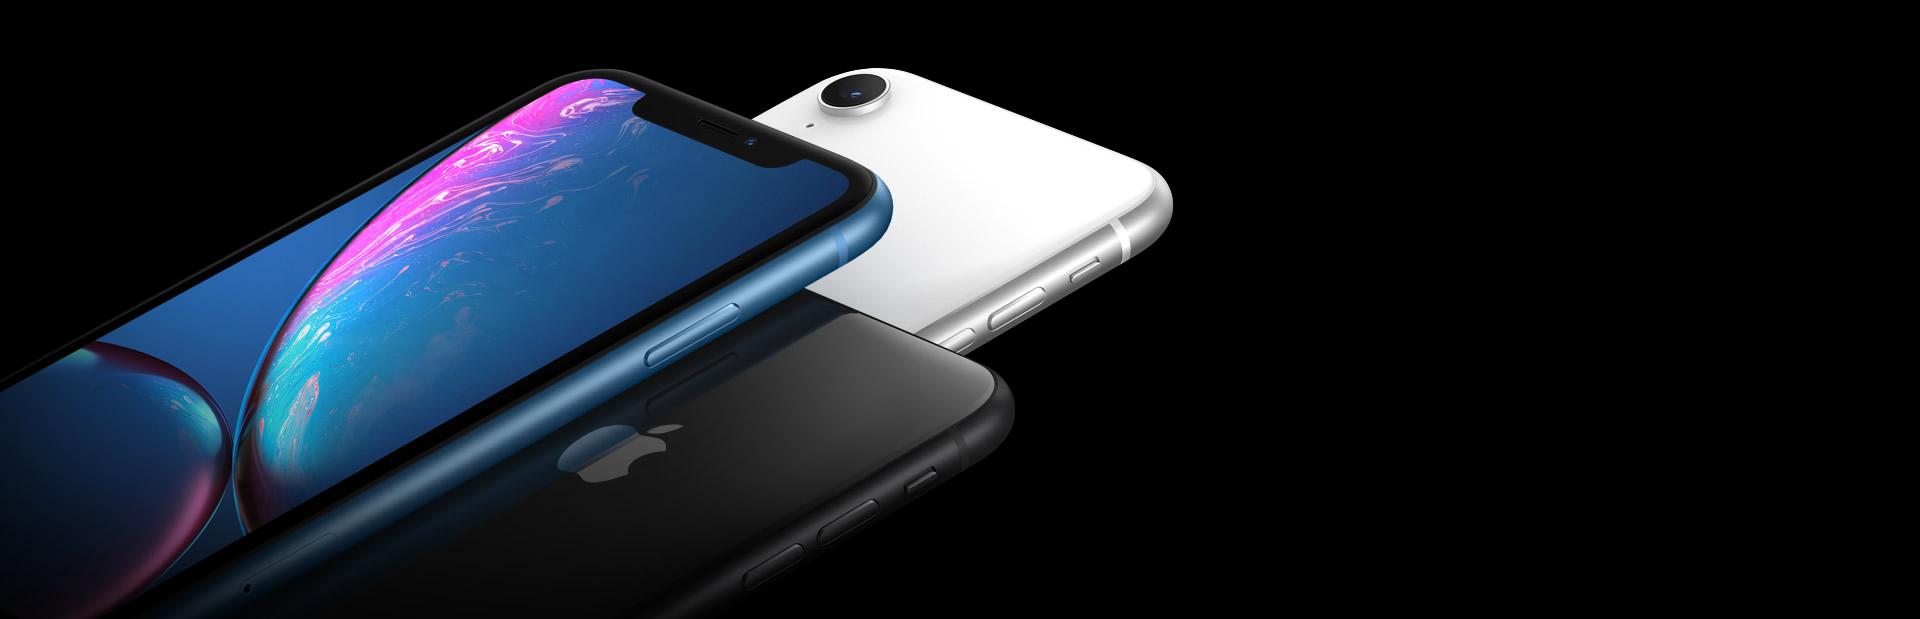 Imagem de 3 iPhones nova geração com fundo preto